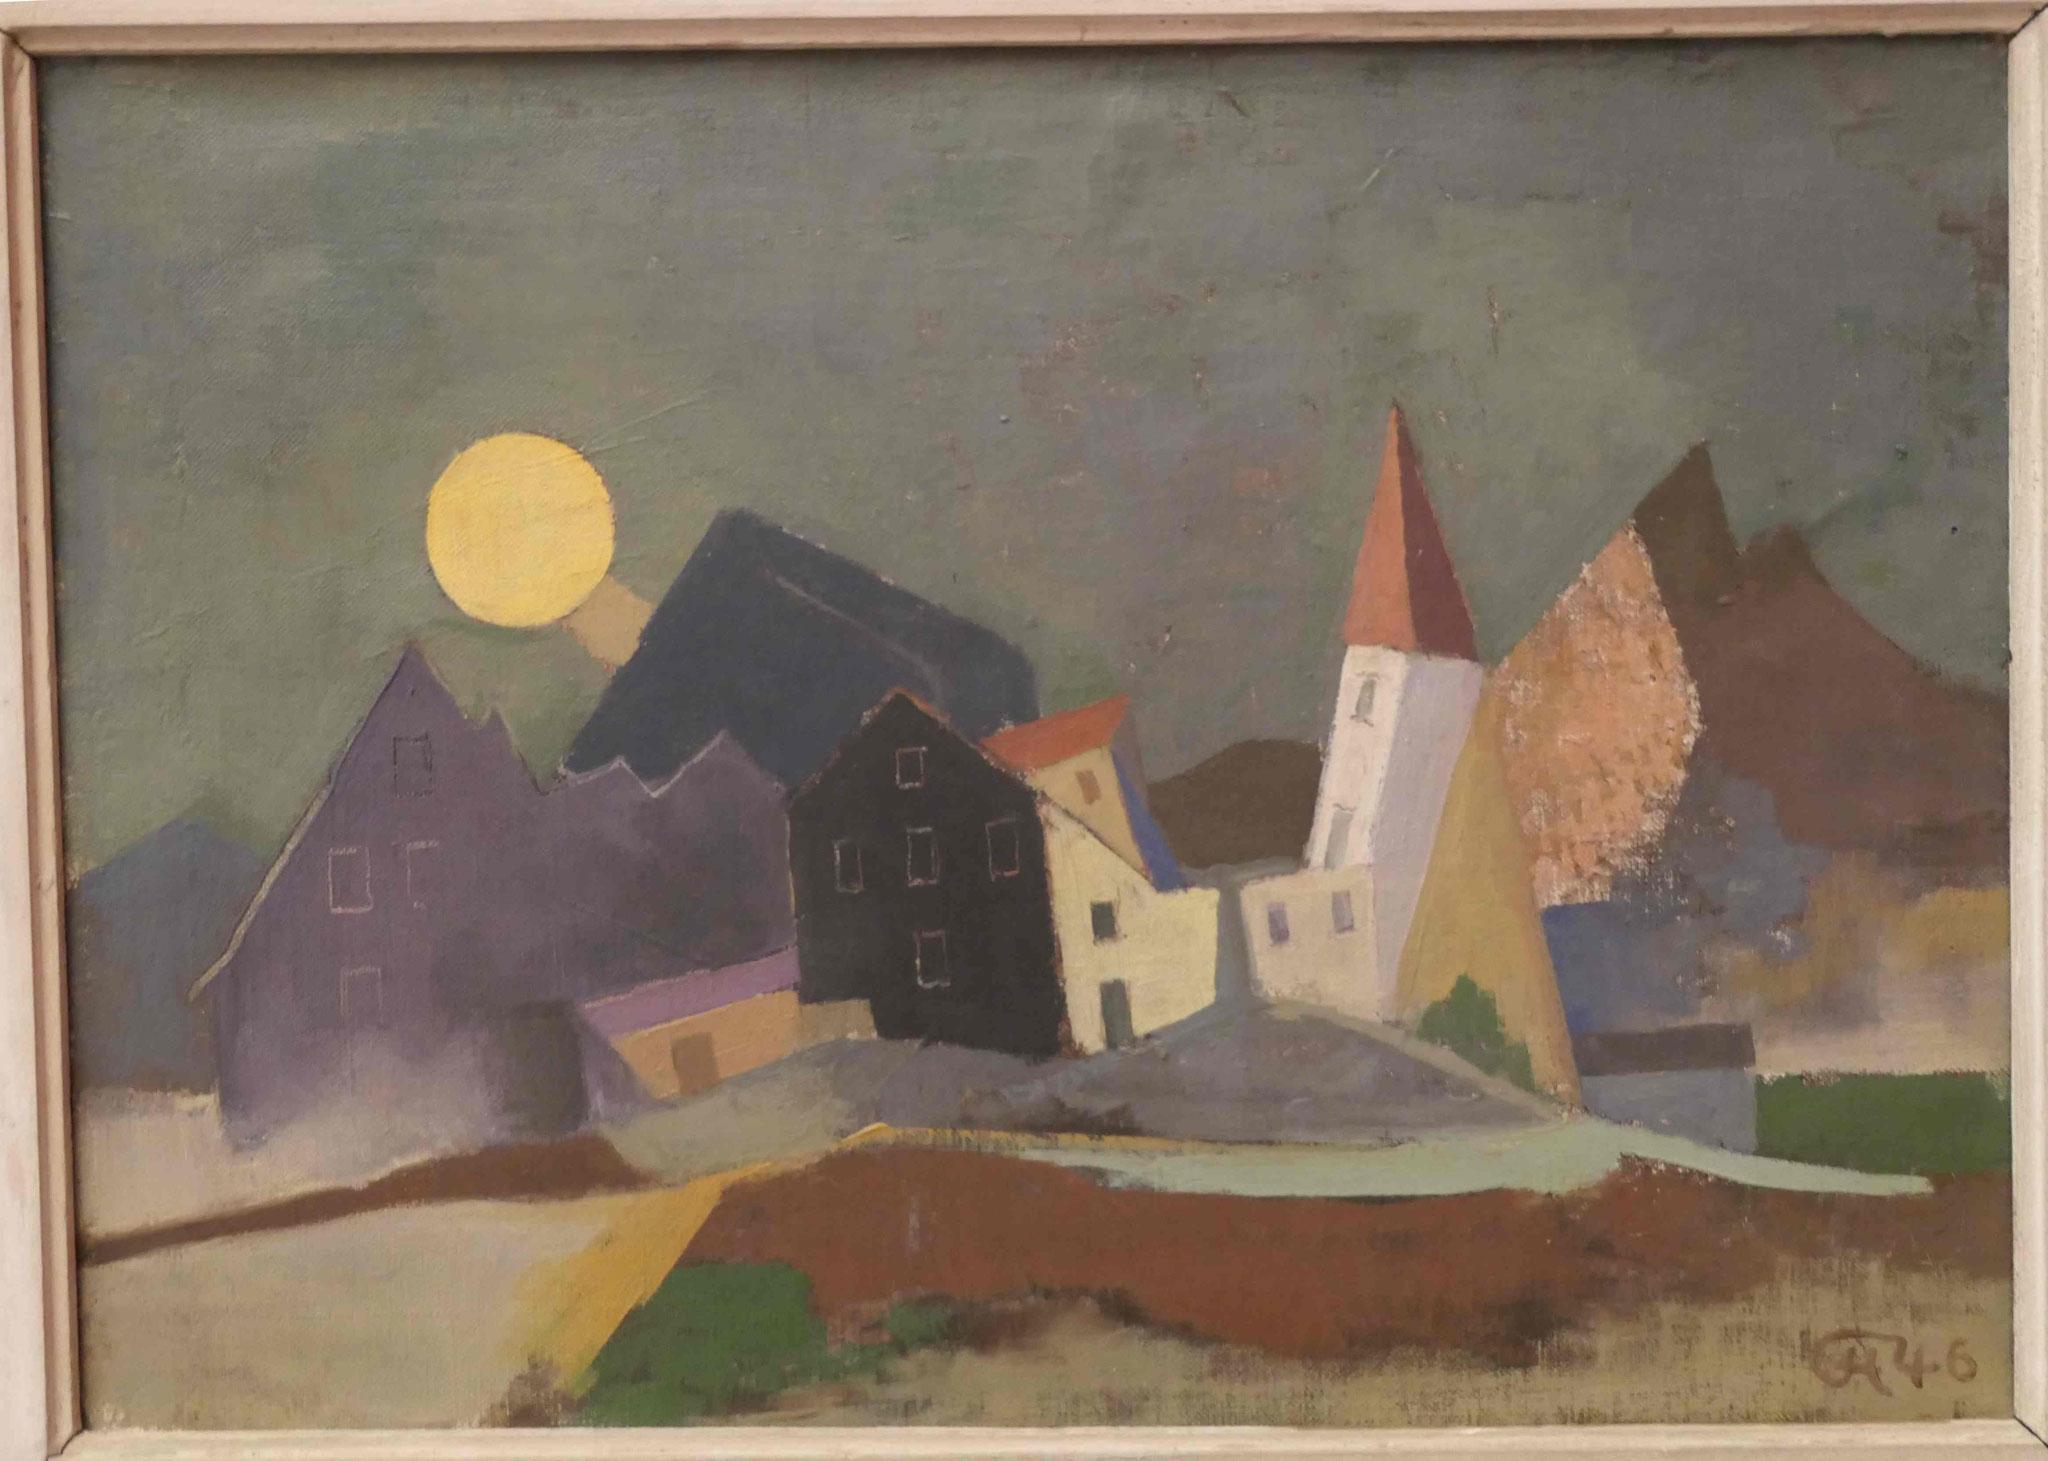 Karl Hofer, Mond über Gebirgsdorf, 1946, Kunsthalle zu Kiel